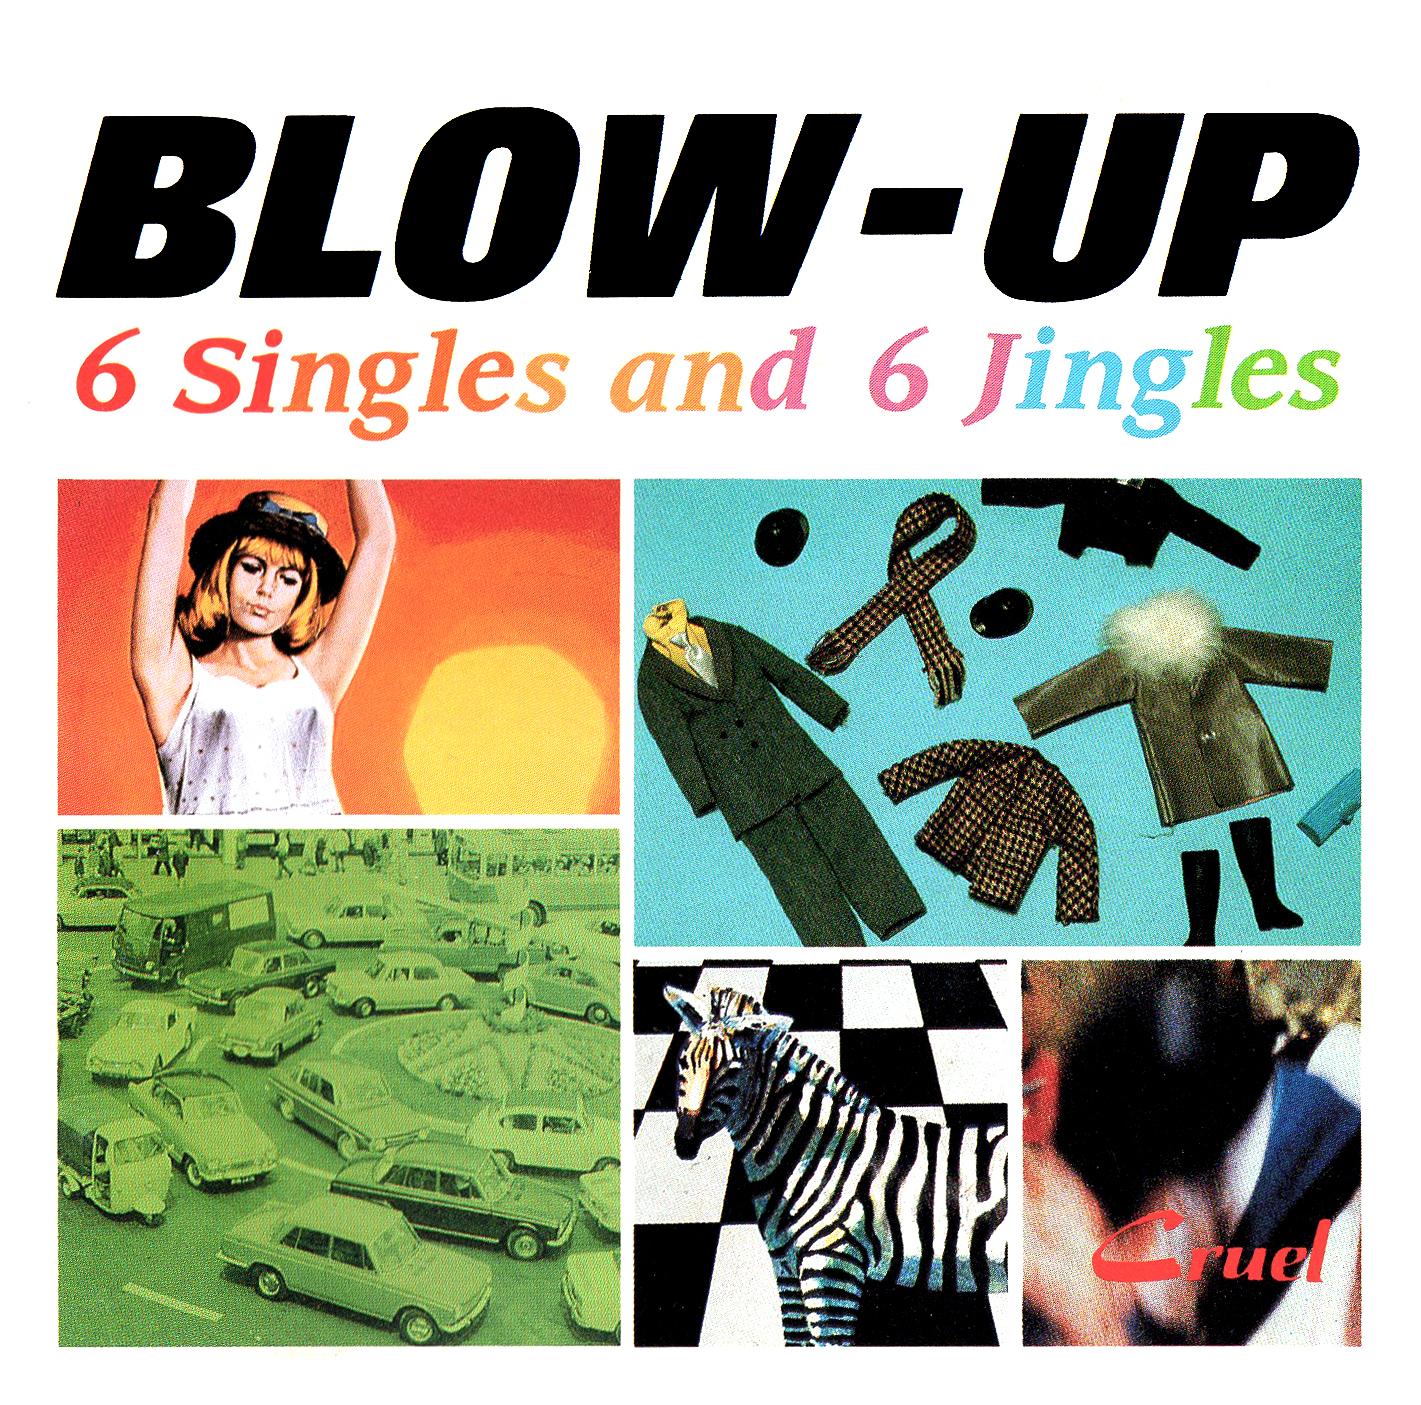 Crue-L Records (クルーエル・レコーズ) オムニバス・アルバム『Blow-Up 6 Singles And 6 Jingles』(初回盤) 高画質CDジャケット画像